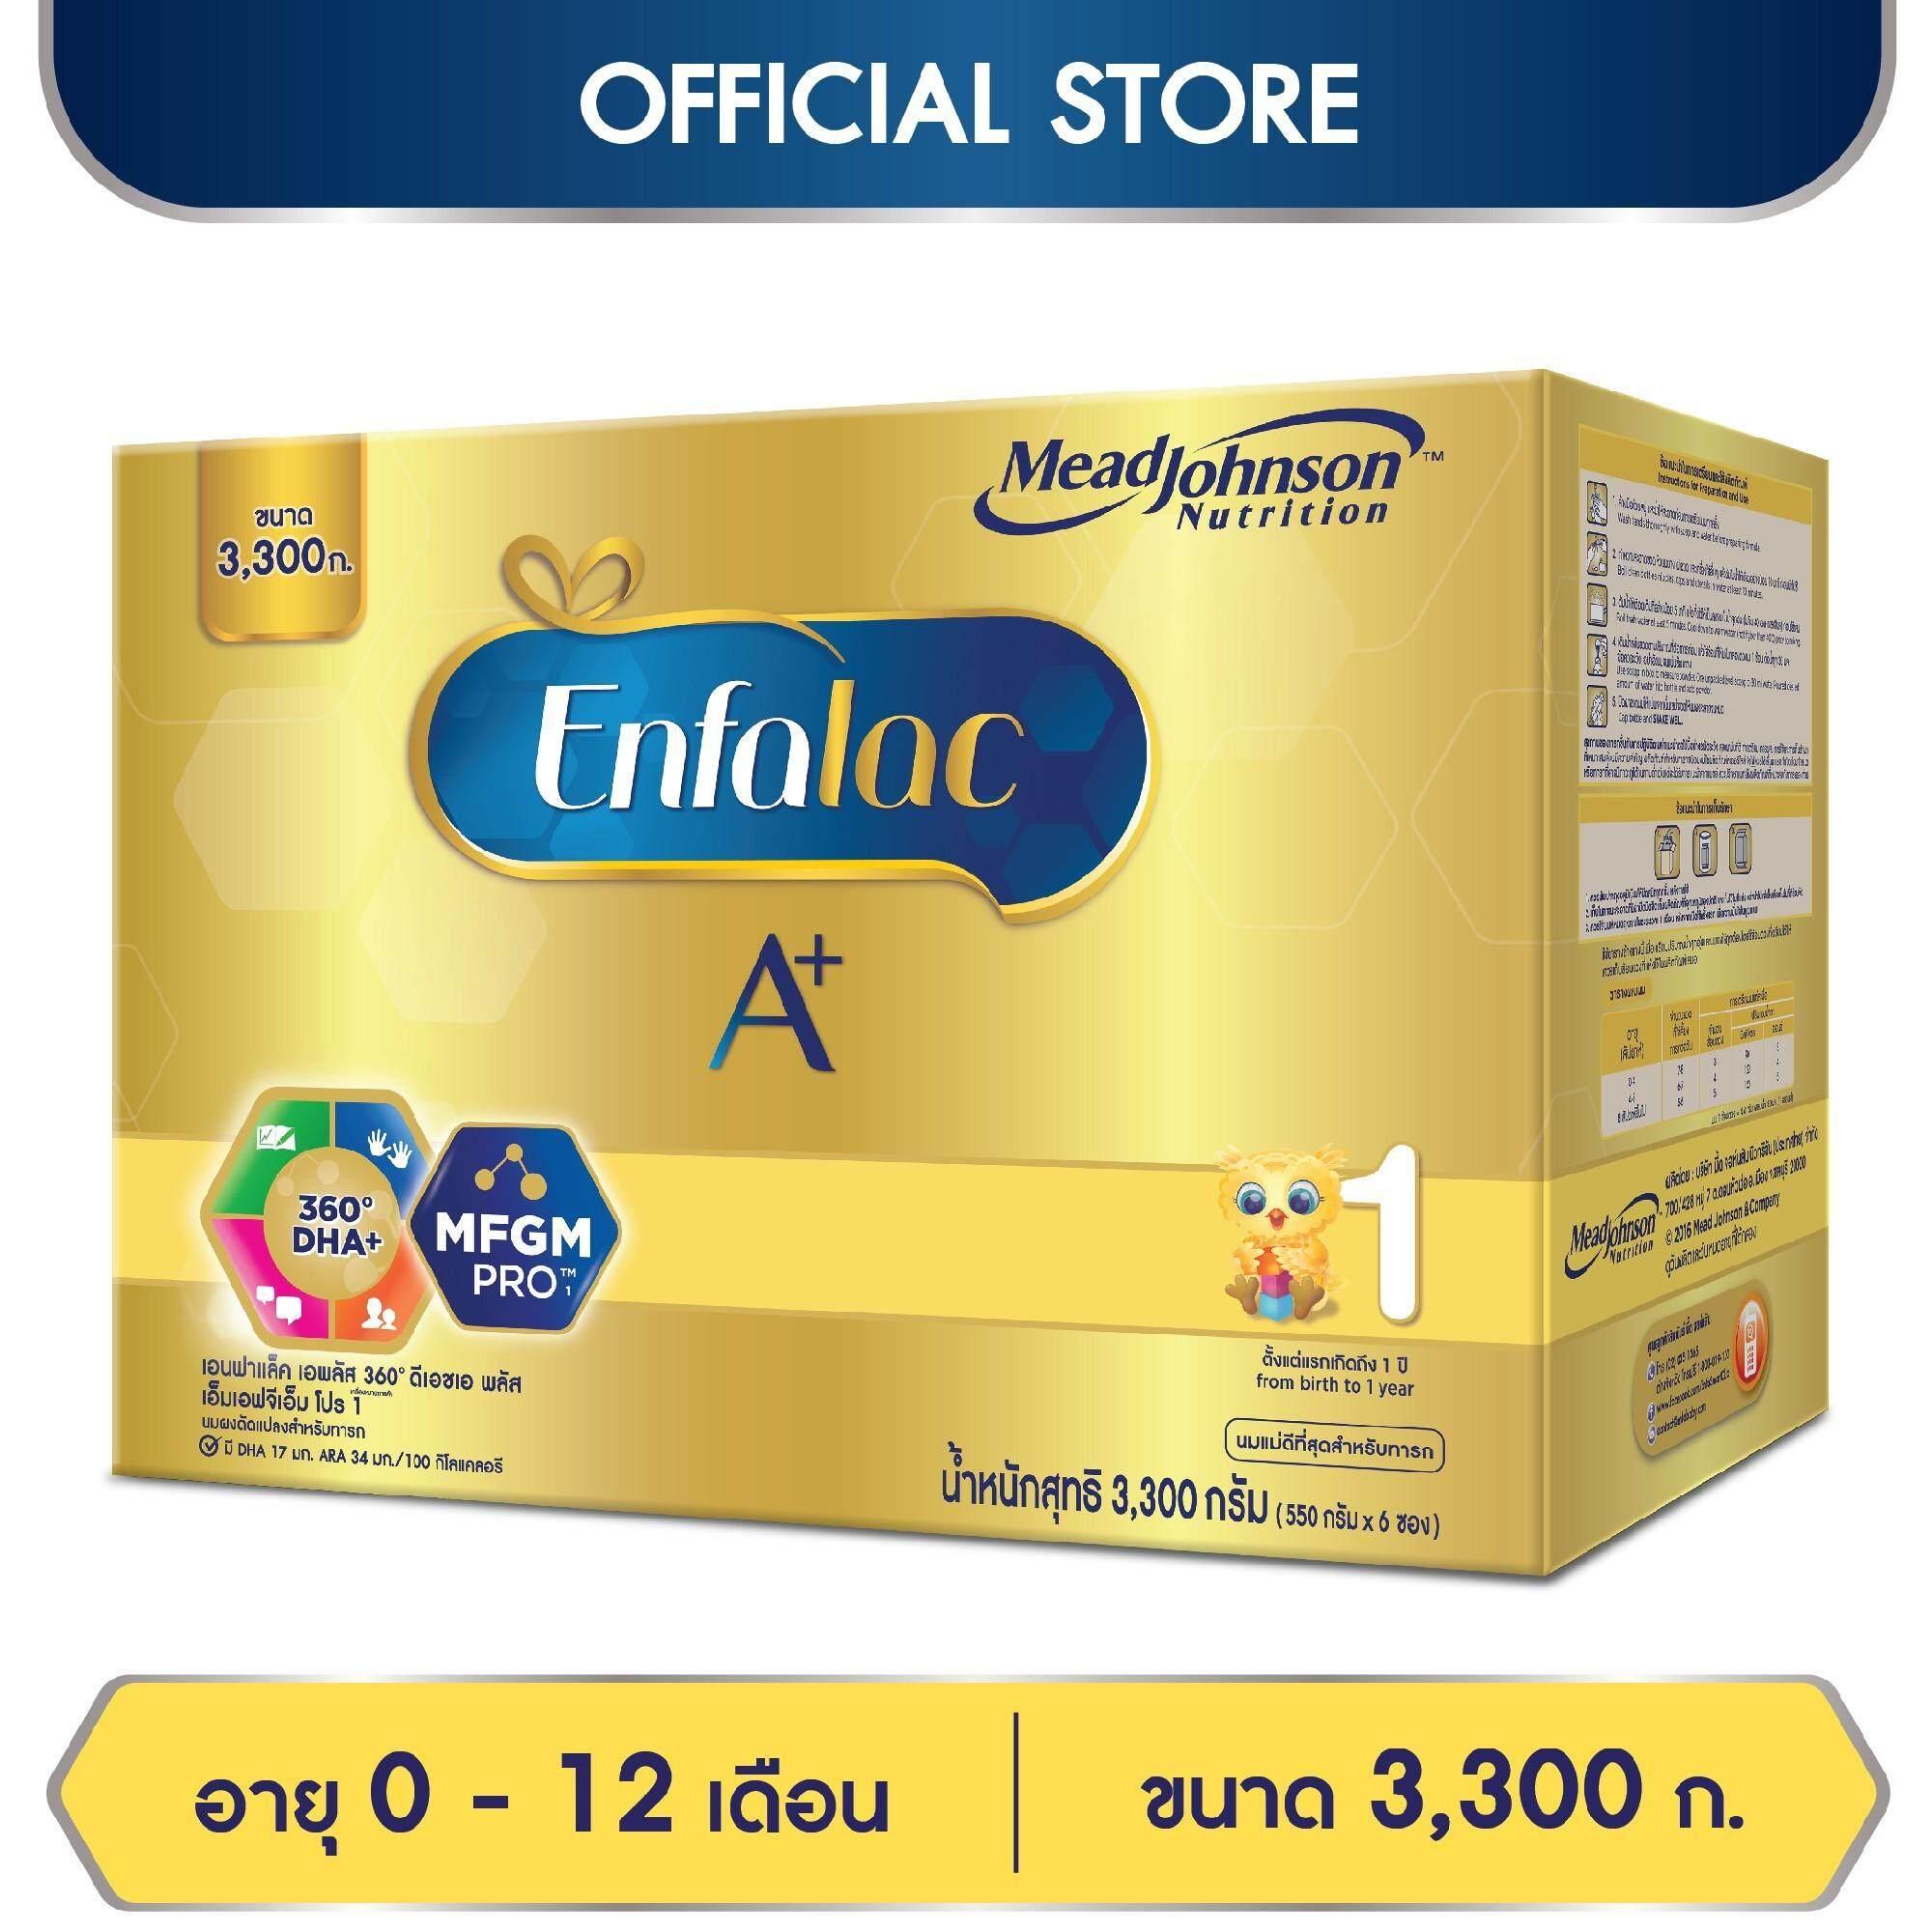 ซื้อที่ไหน  นมผง Enfalac เอนฟาแล็ค เอพลัส สูตร 1 สำหรับ ทารก เด็กแรกเกิด เด็กเล็ก 3300 กรัม   รีวิว ของแท้